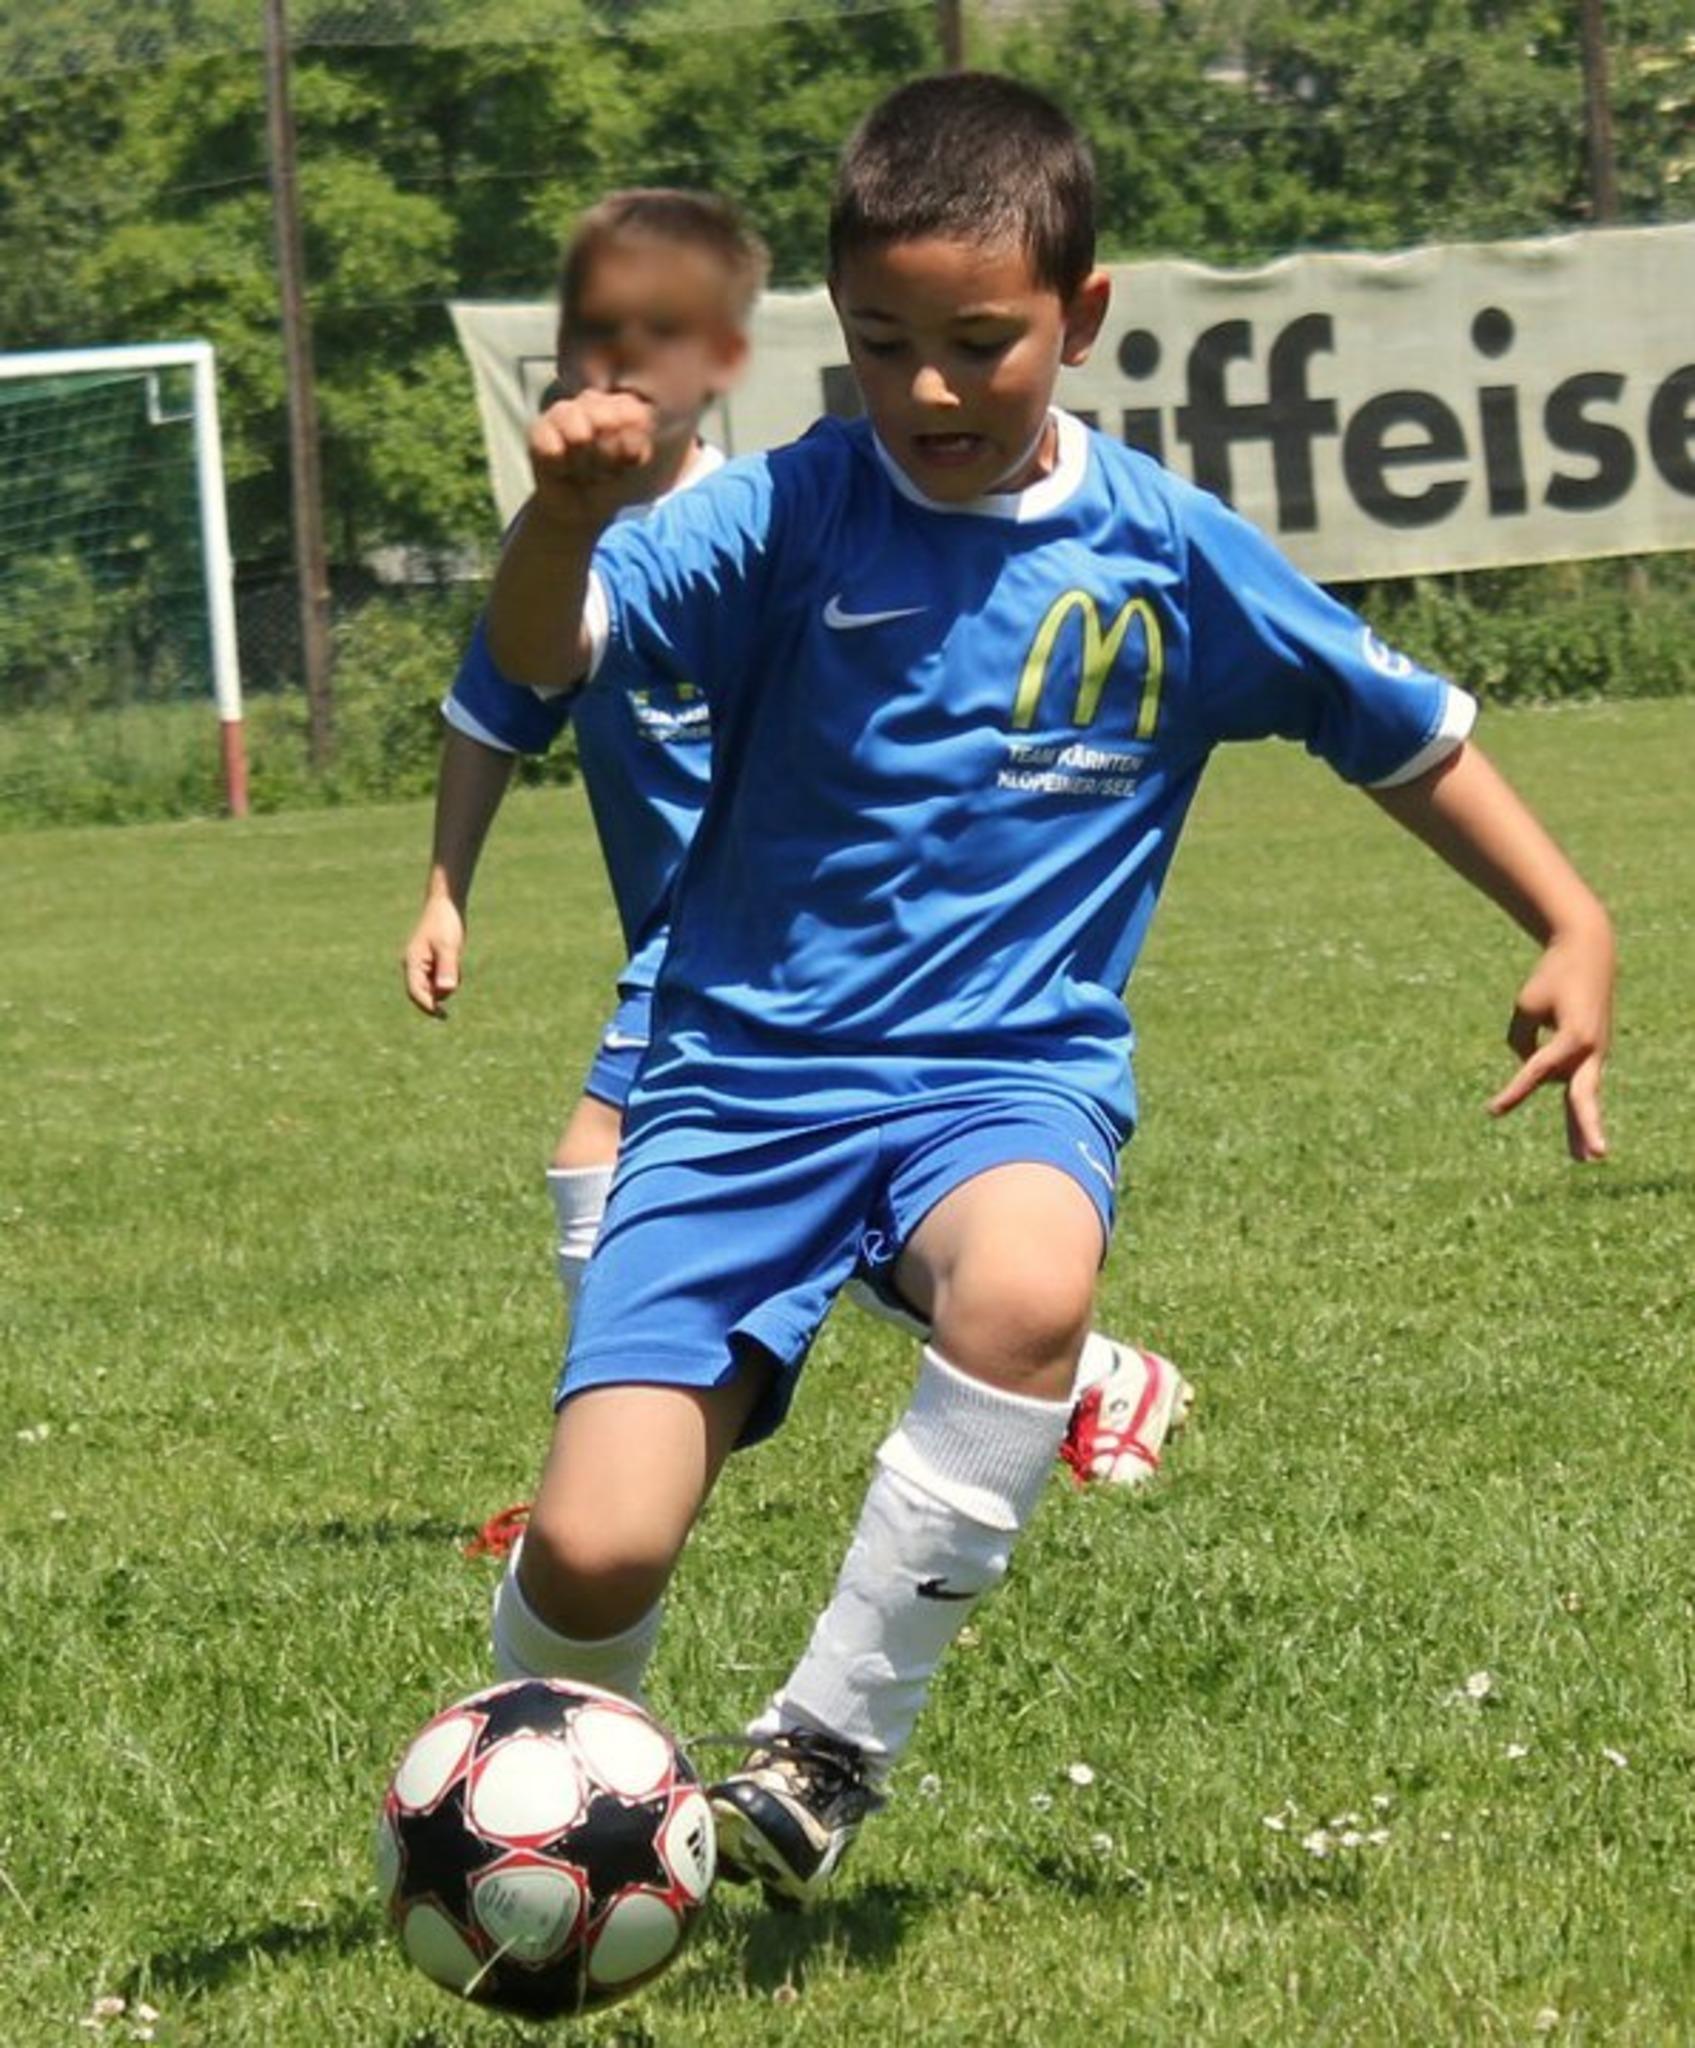 Fußball Wm Online